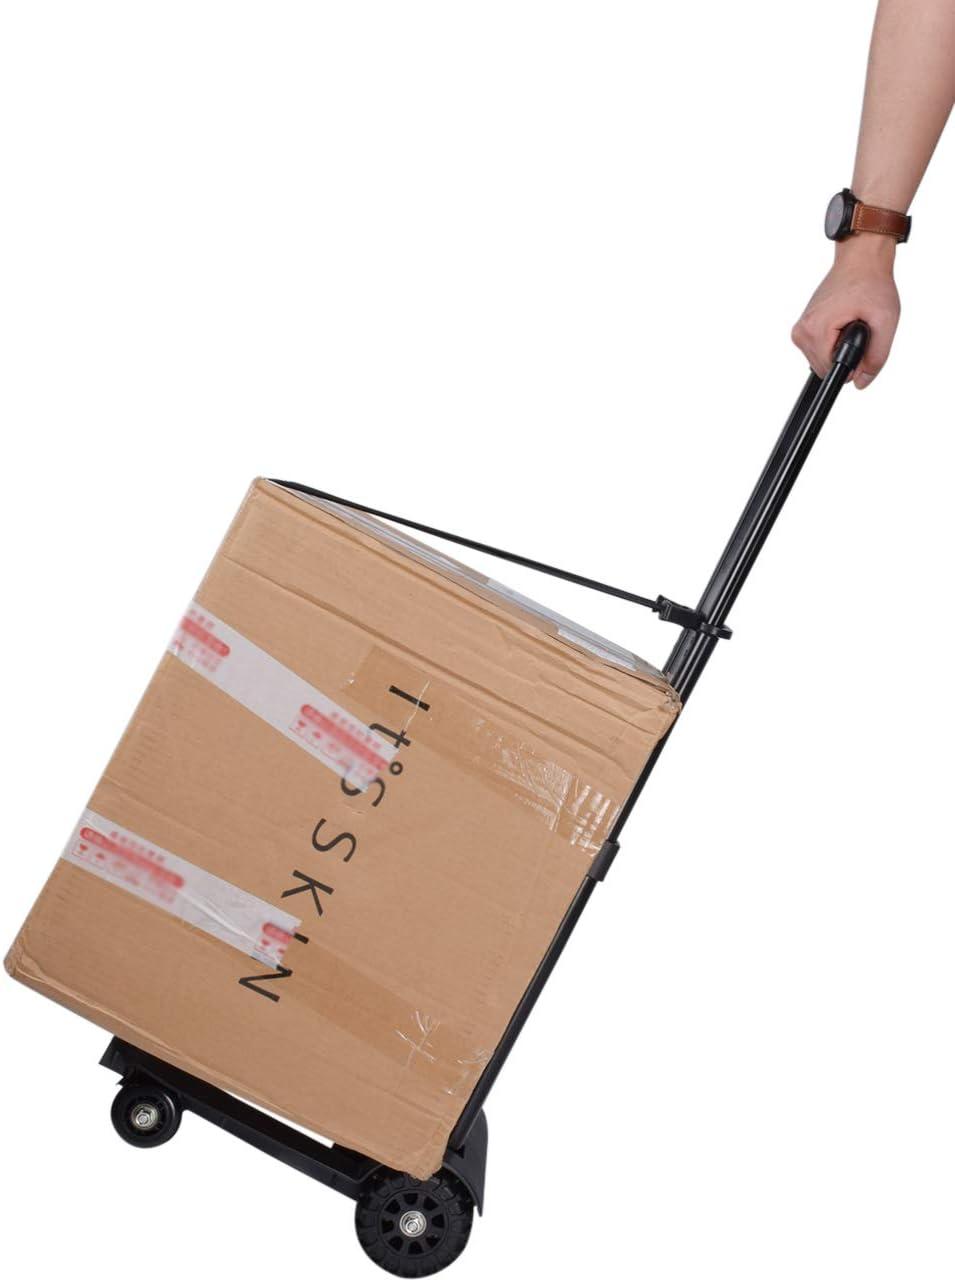 SPDYCESS Carrello Portaspesa Pieghevole Carrello della Spesa Passeggino di Mercato capacit/à 70kg Trolley Shopping Bag Bagaglio con 4 Ruote Carretto a Mano Trasporto